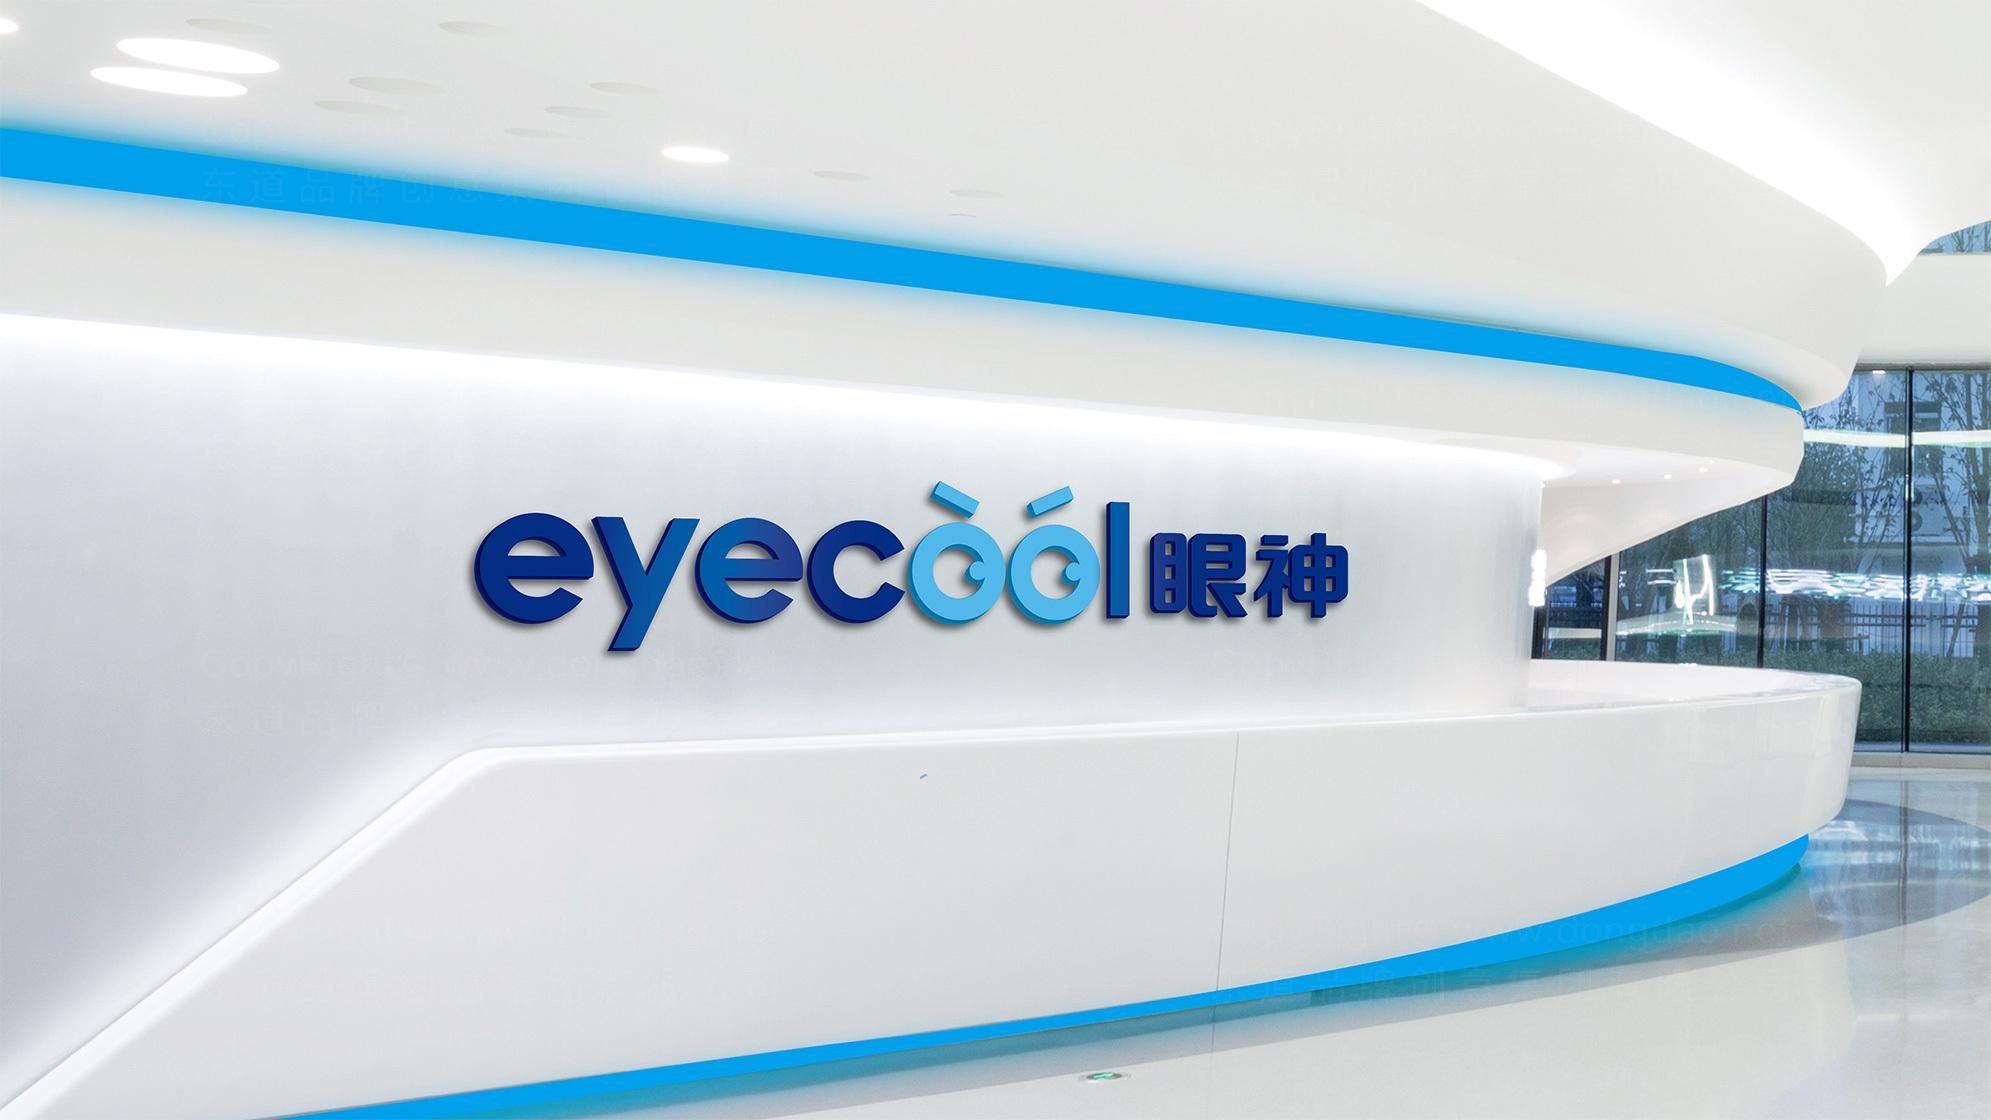 品牌设计眼神科技LOGO&VI设计应用场景_9